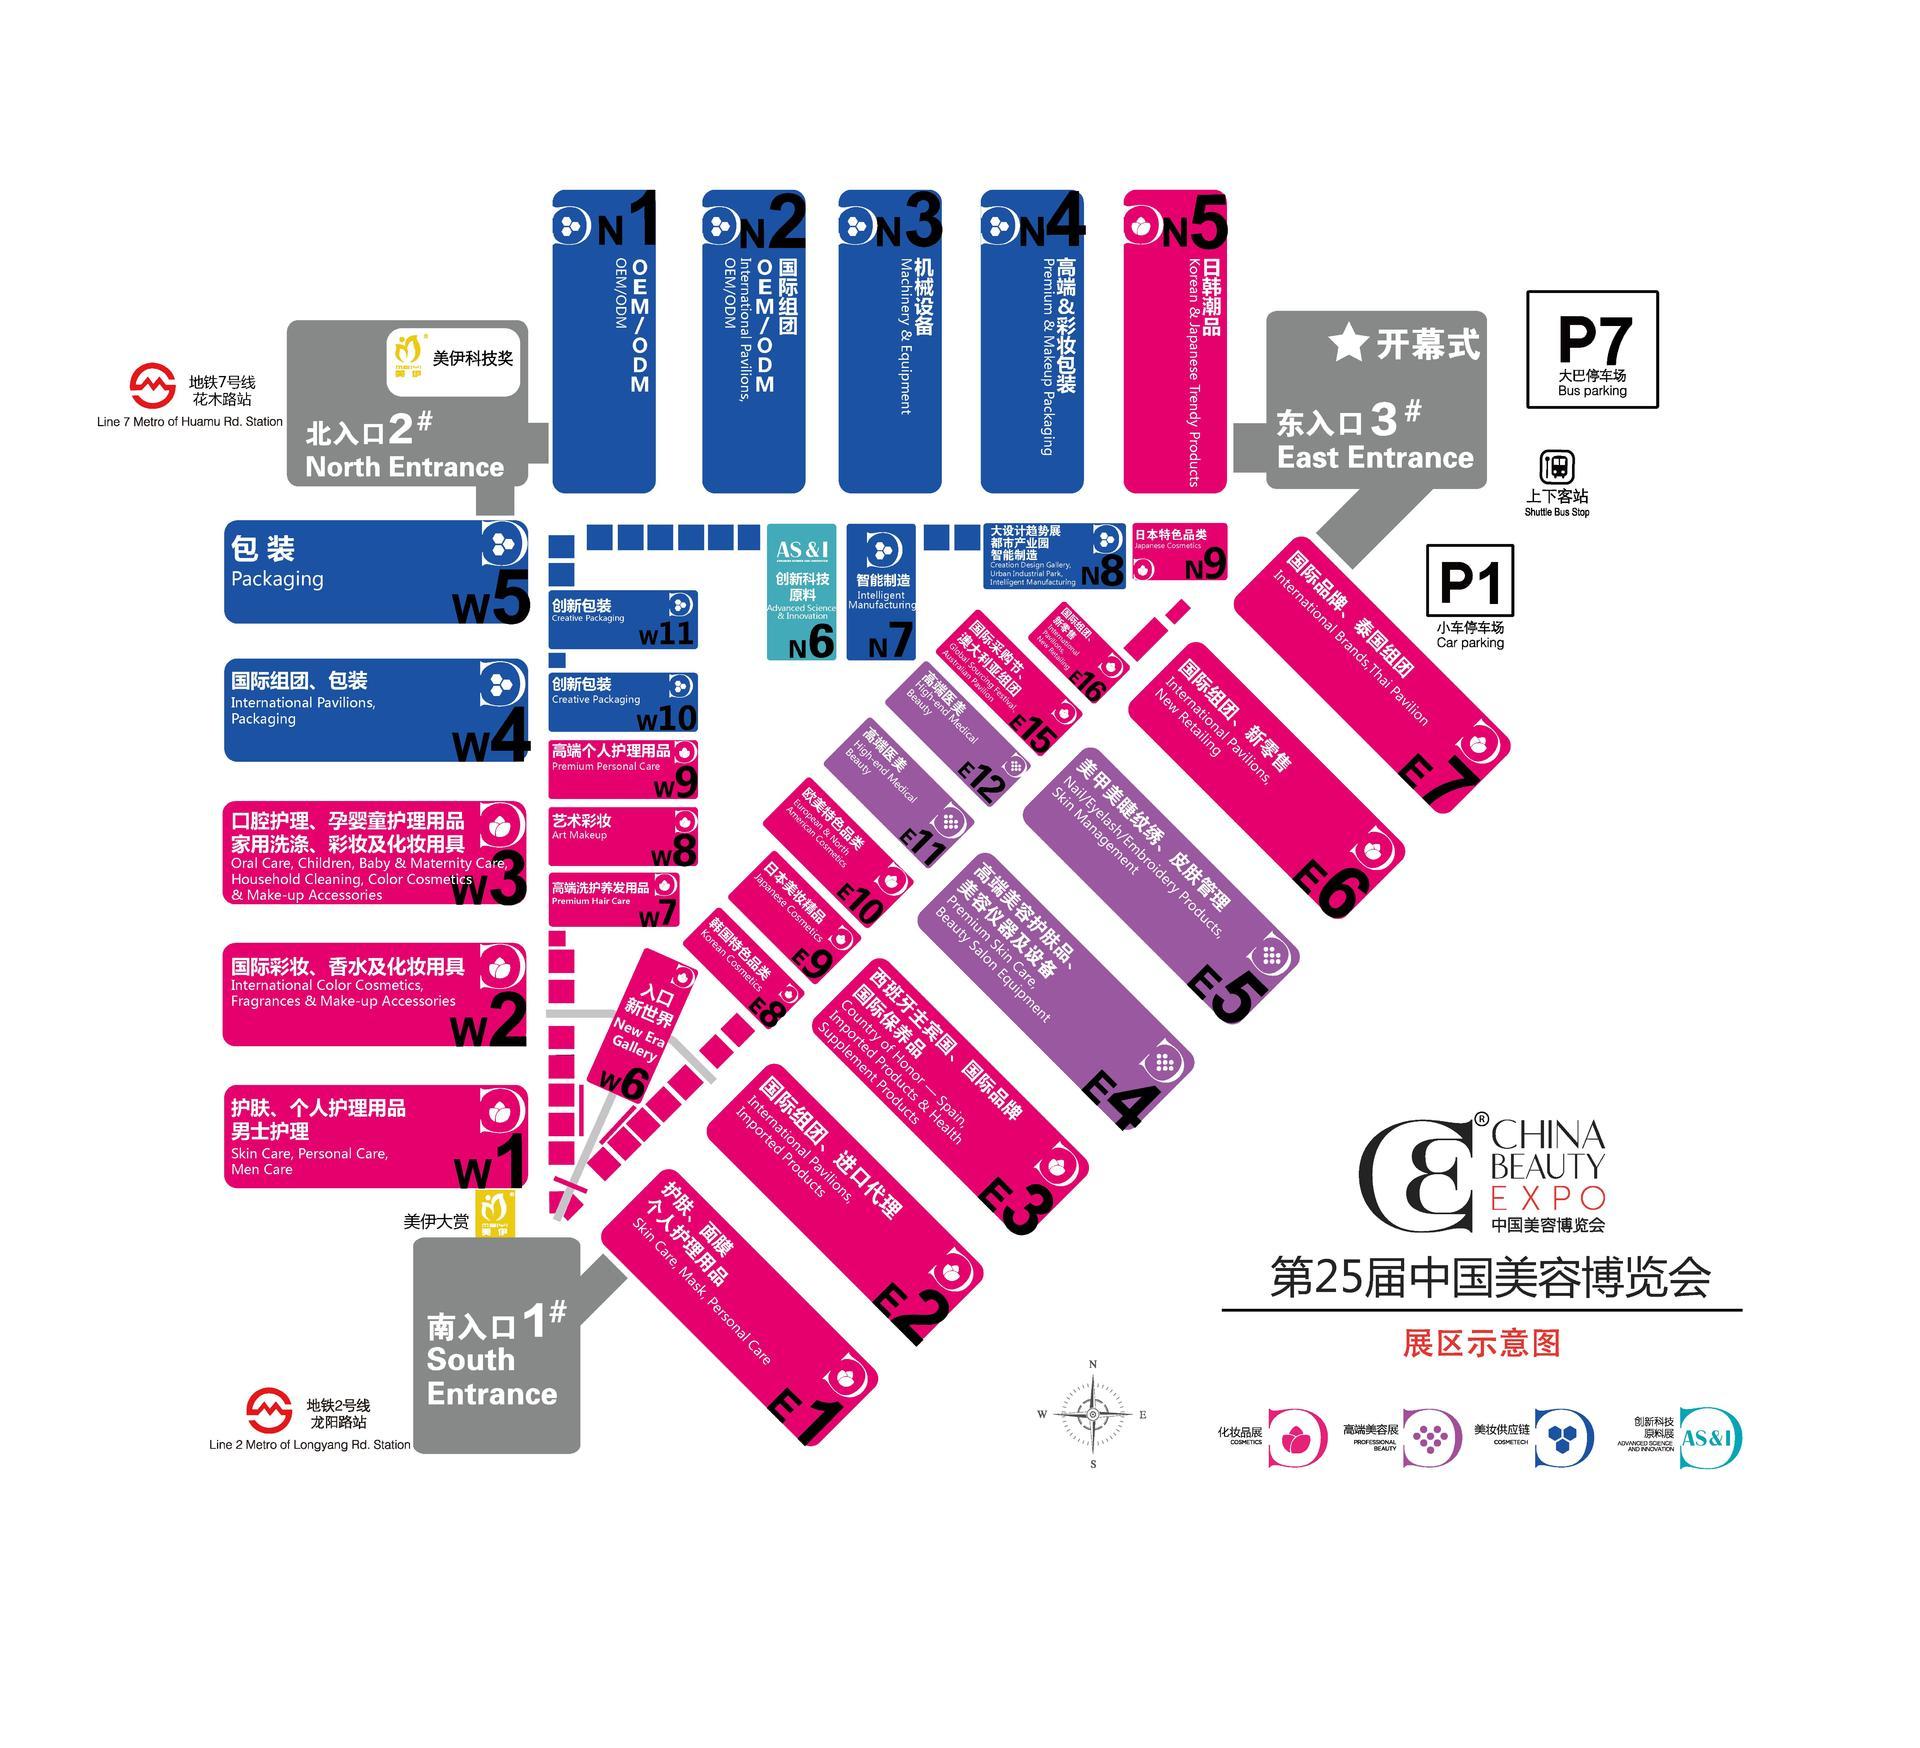 2020上海美博会展馆布局图.jpg